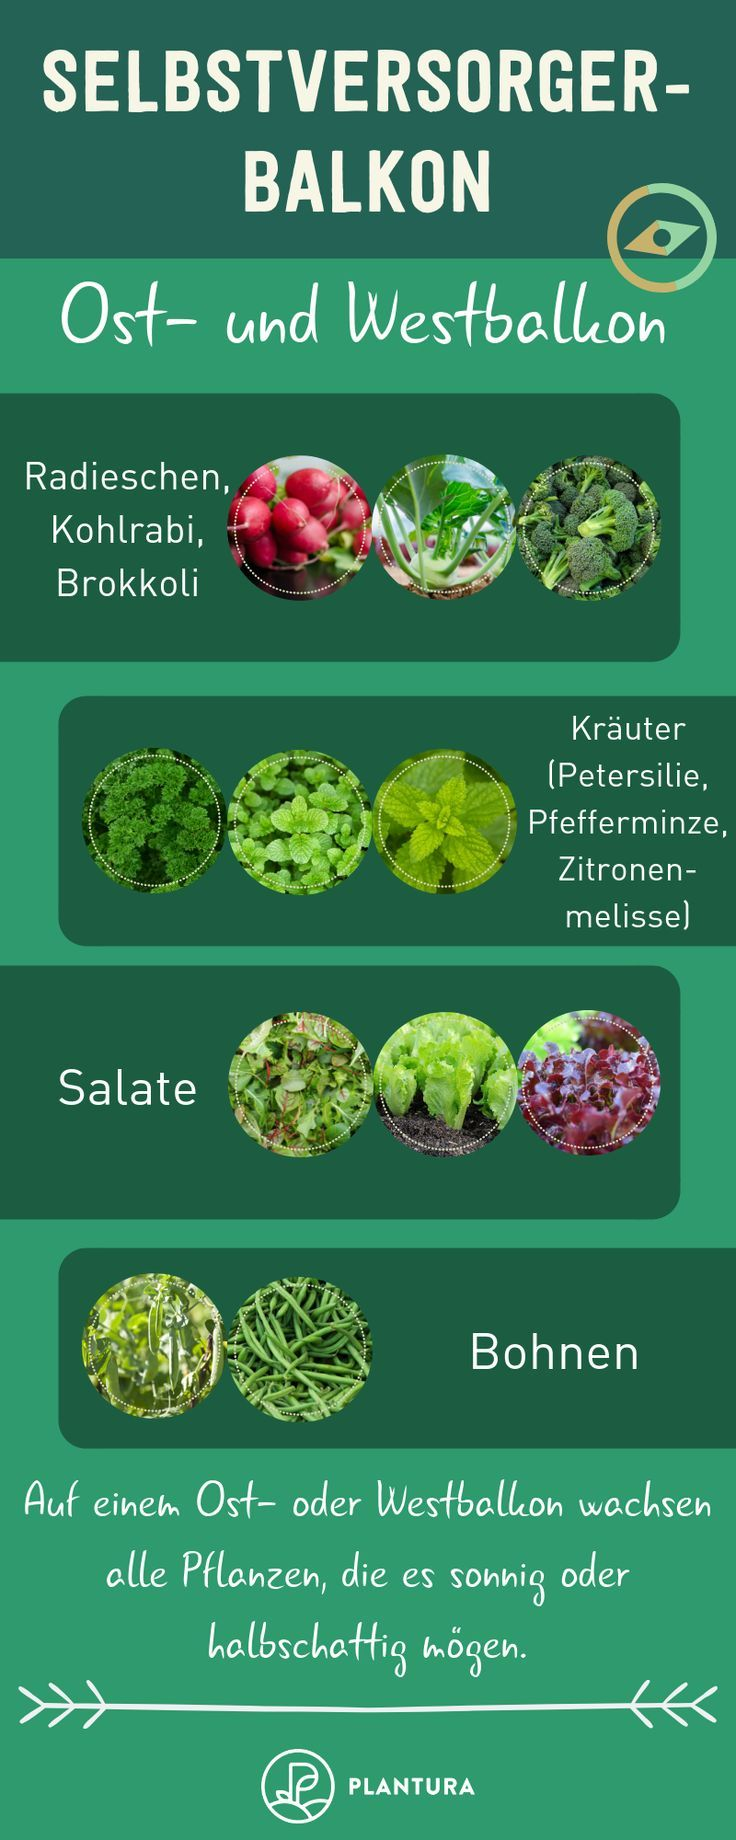 Selbstversorger-Balkon: Welche Pflanze für welchen Balkon